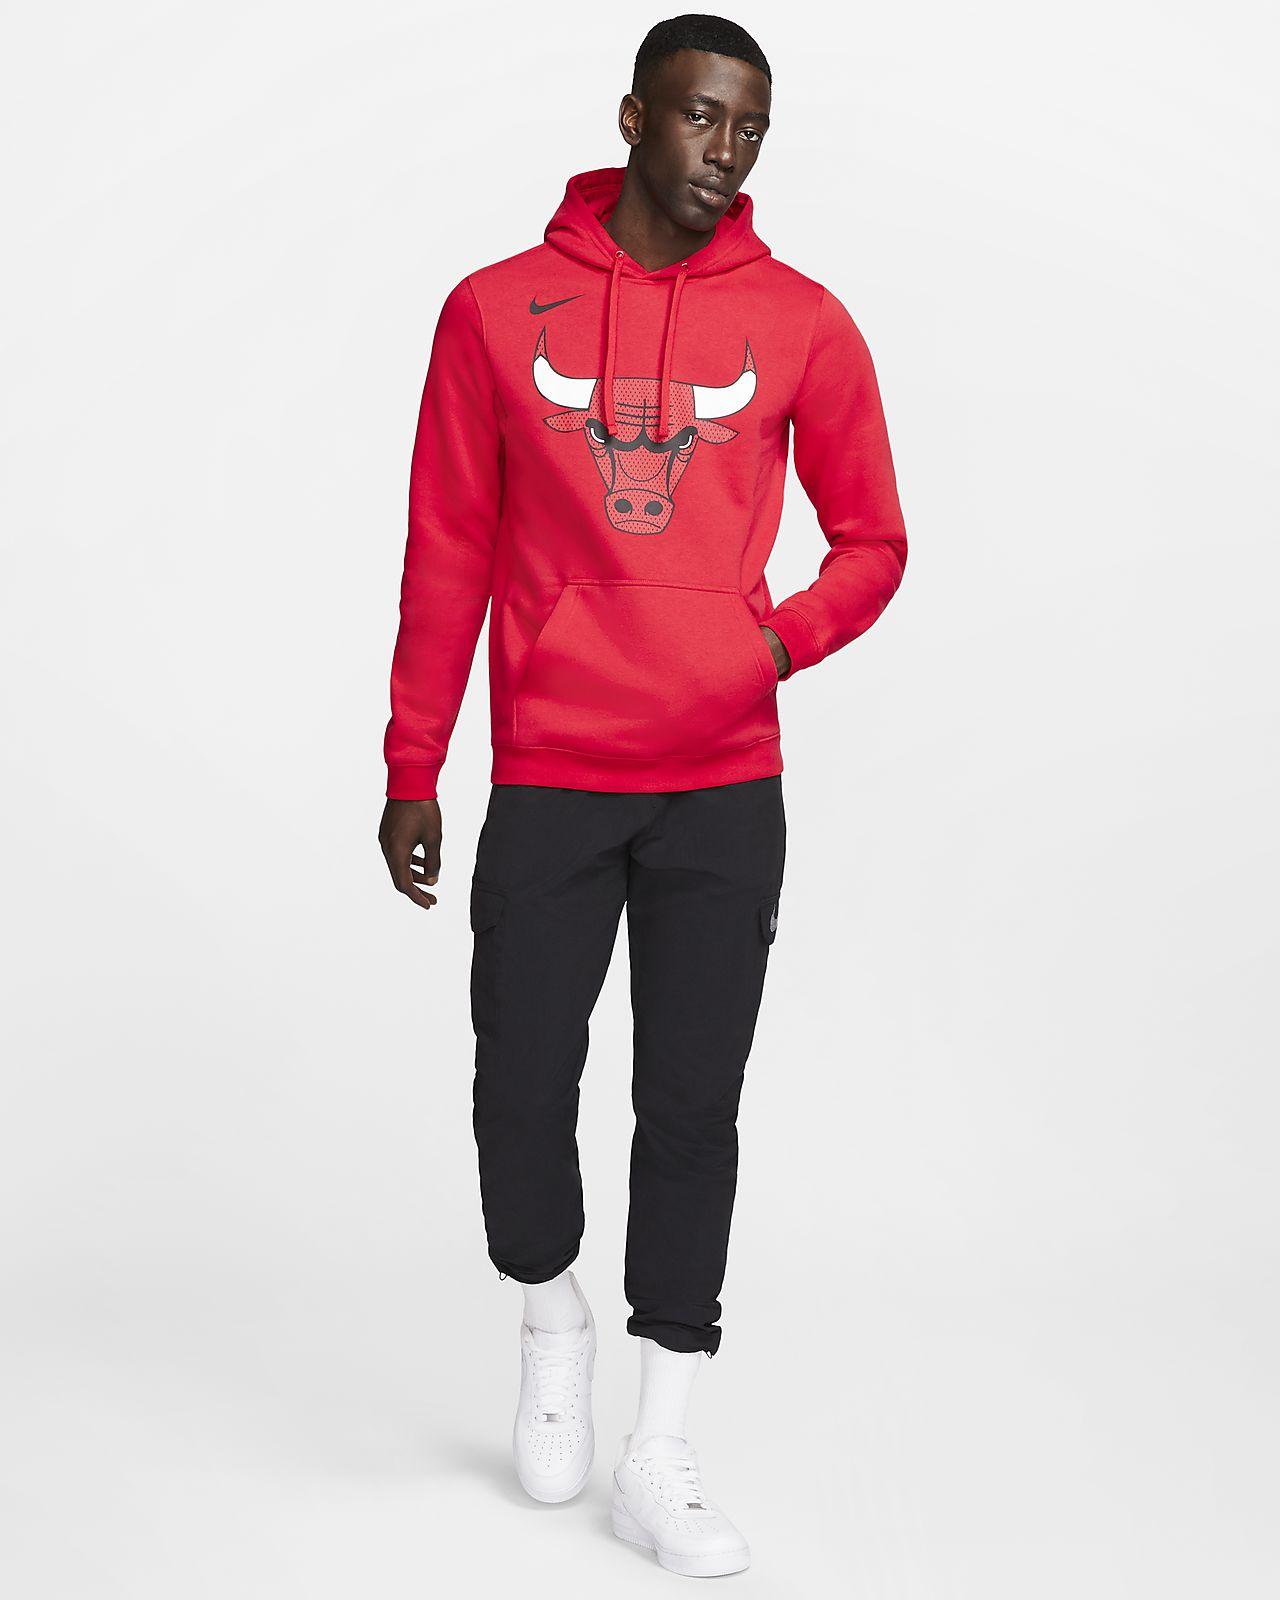 diseñador nuevo y usado grandes variedades elige genuino Chicago Bulls Nike Sudadera con capucha de la NBA - Hombre. Nike ES